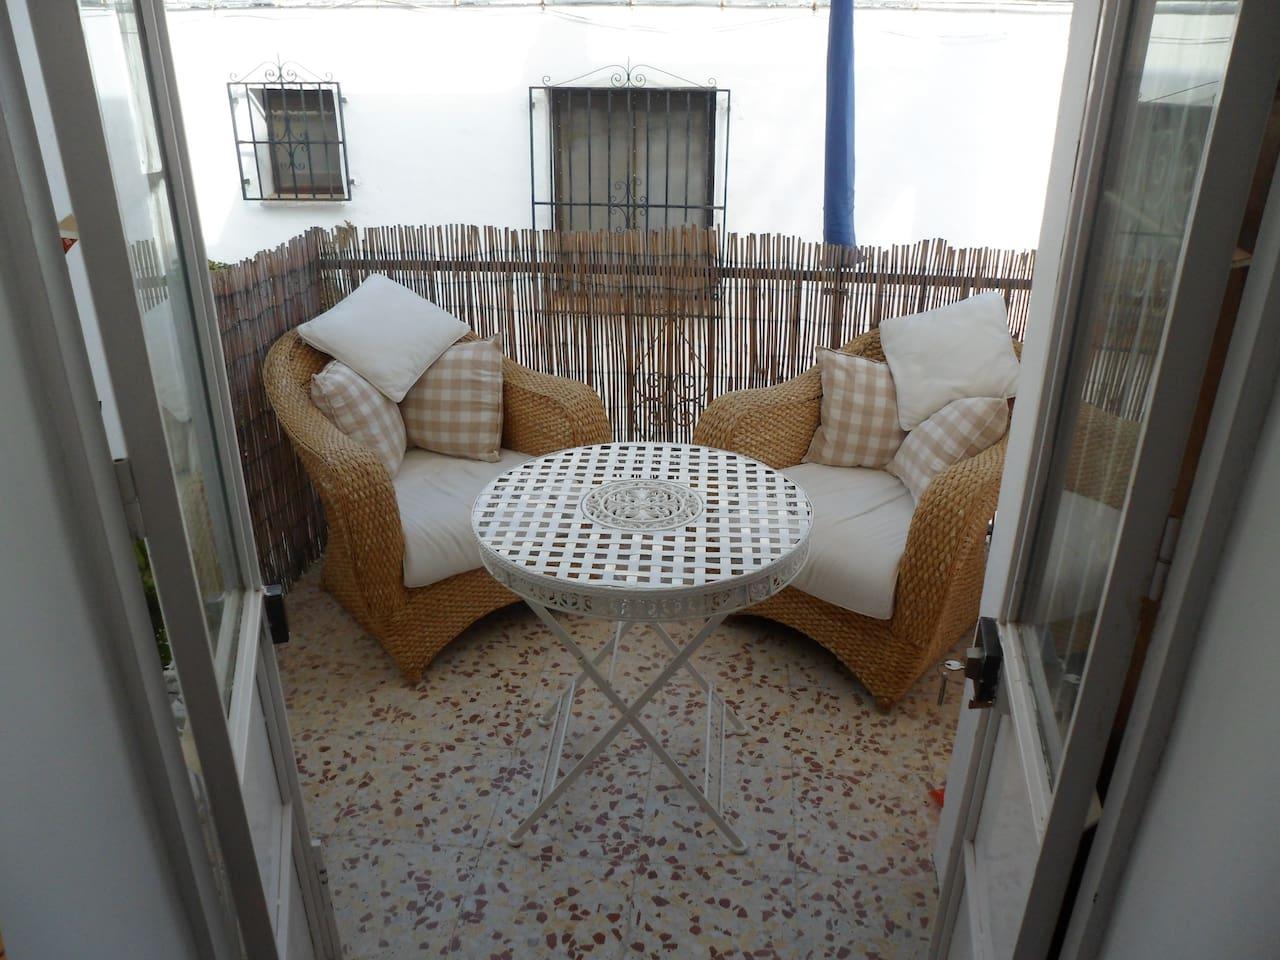 Casa Jose Overlooking The Ocean Casas En Alquiler En Nerja  # Muebles Hermoso Nerja